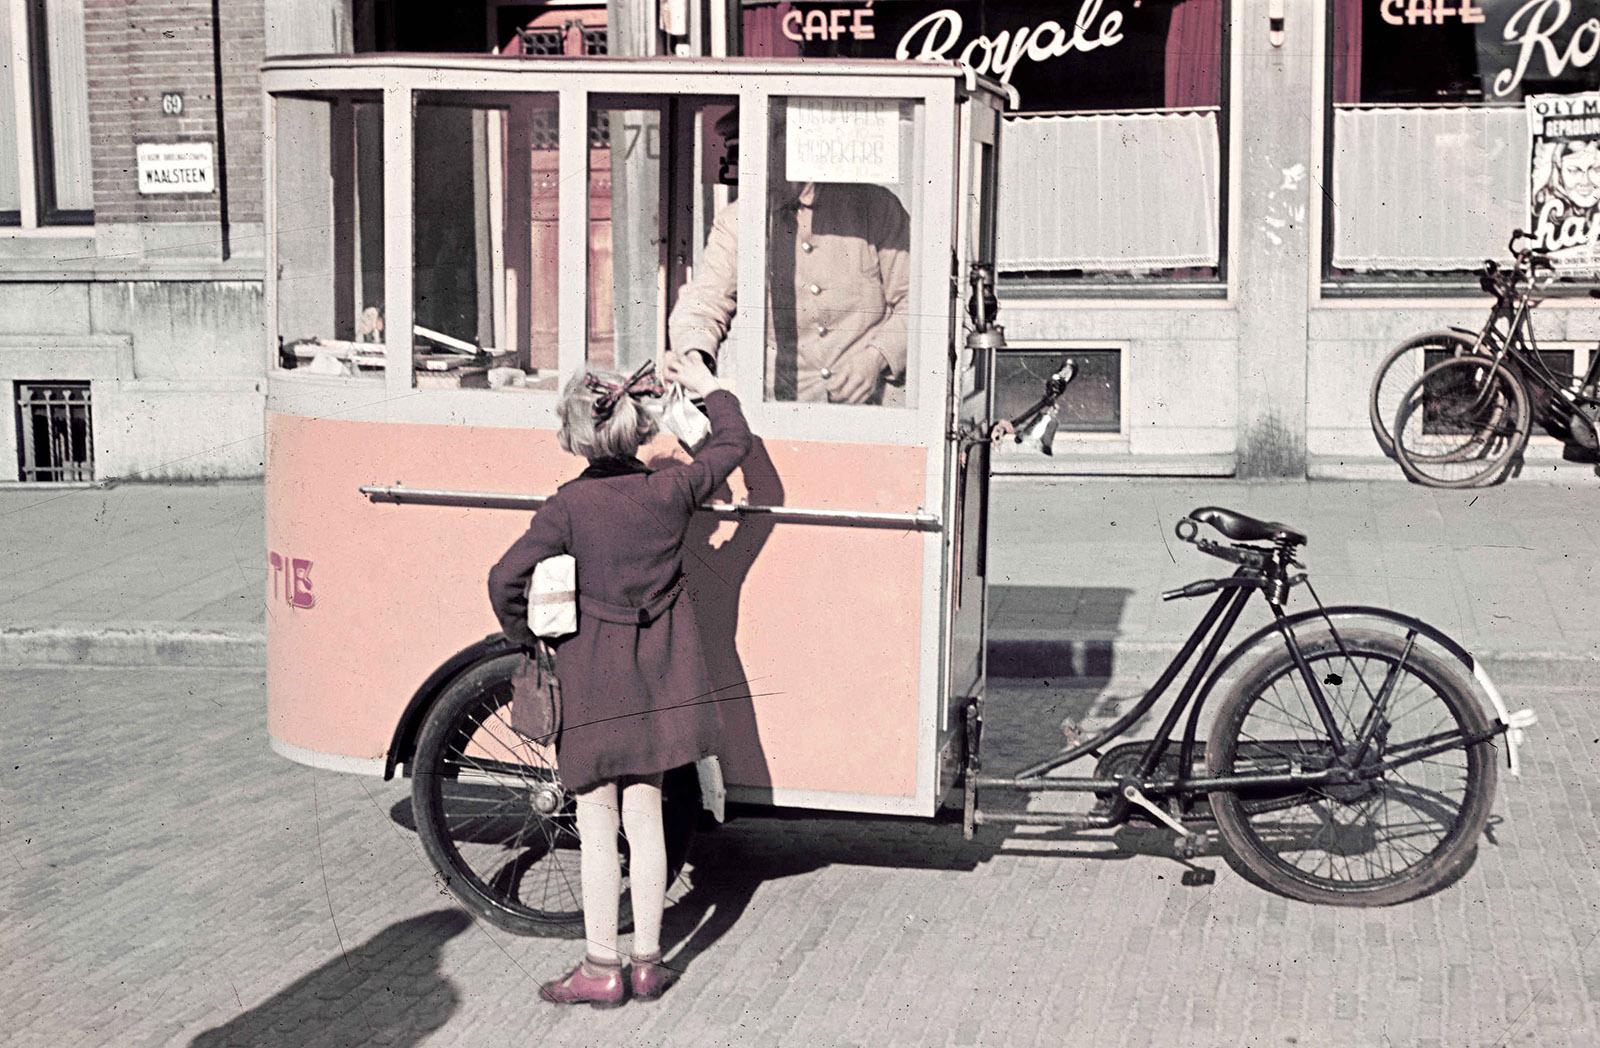 foto: Alphons Hustinx | Nijmegen 1941, ijskar met fiets op straat met kind erbij voor cafe Royale